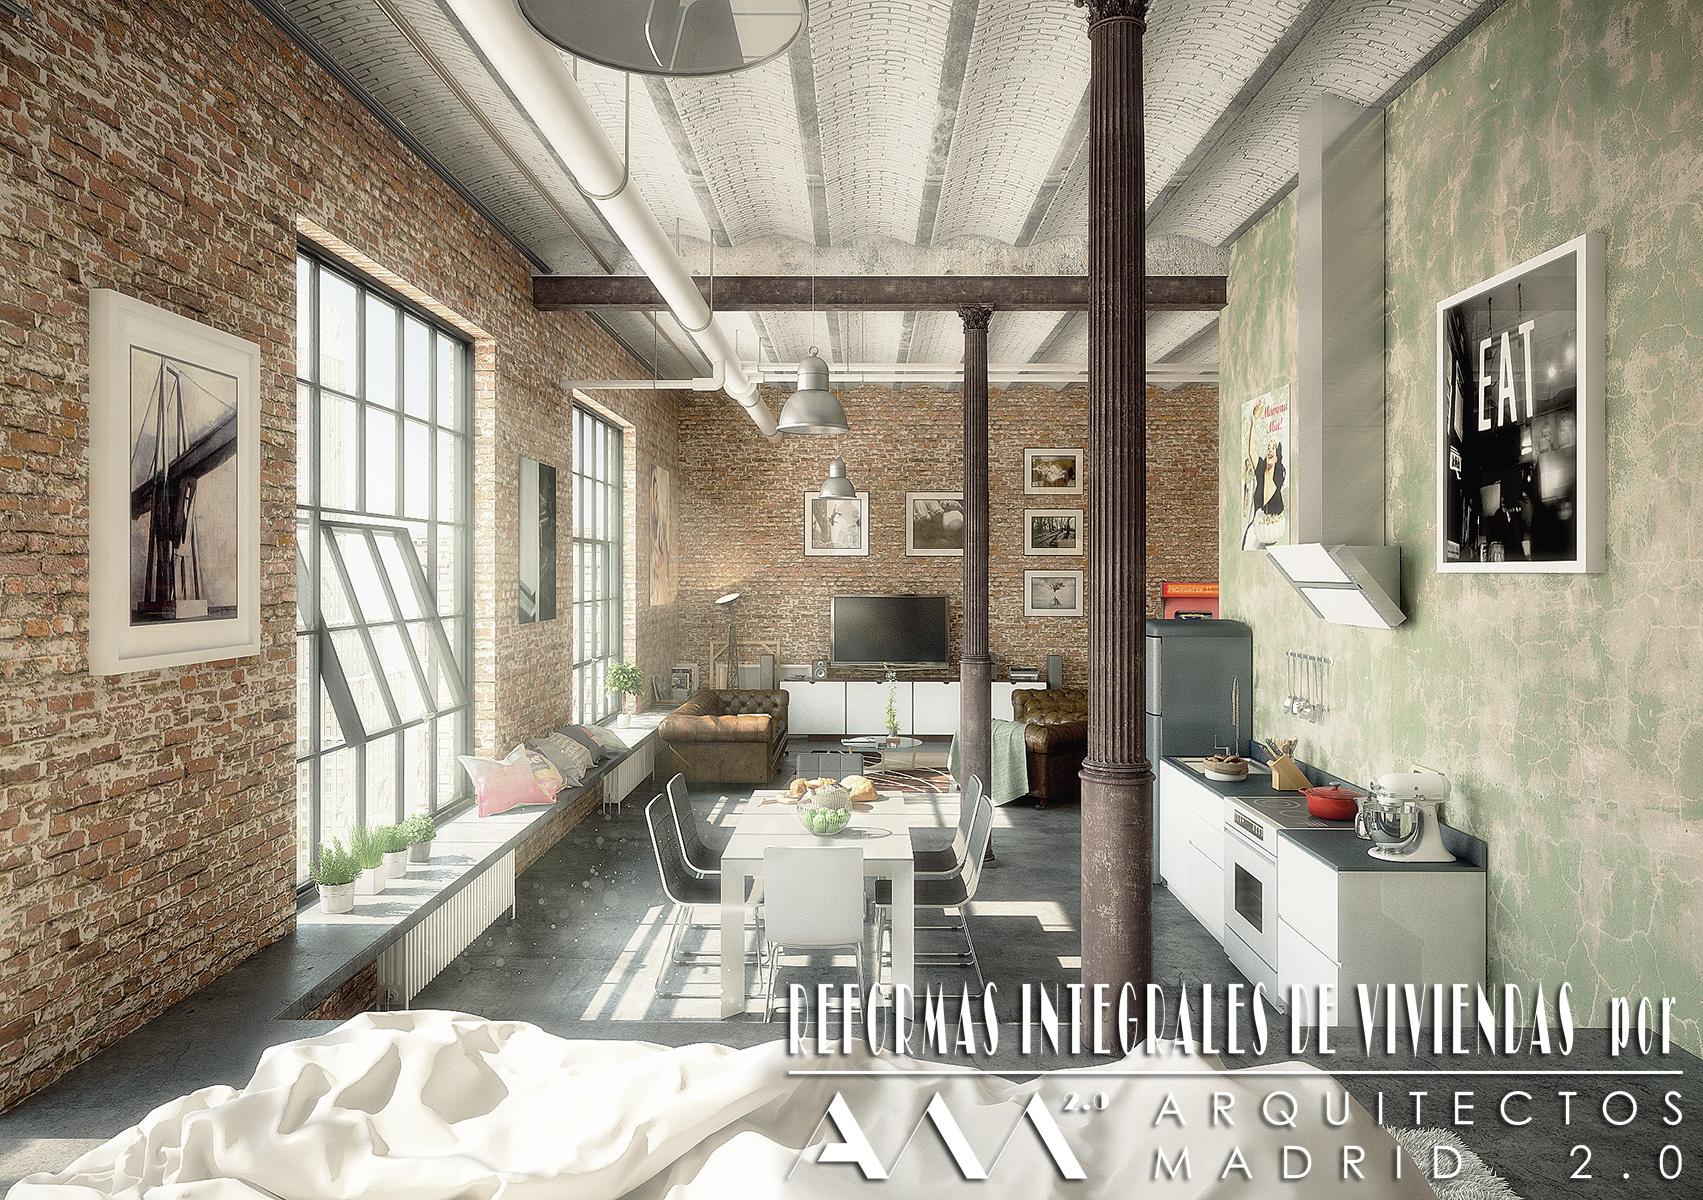 decoracion-interiores-reforma-estilo-industrial-madrid-arquitectos